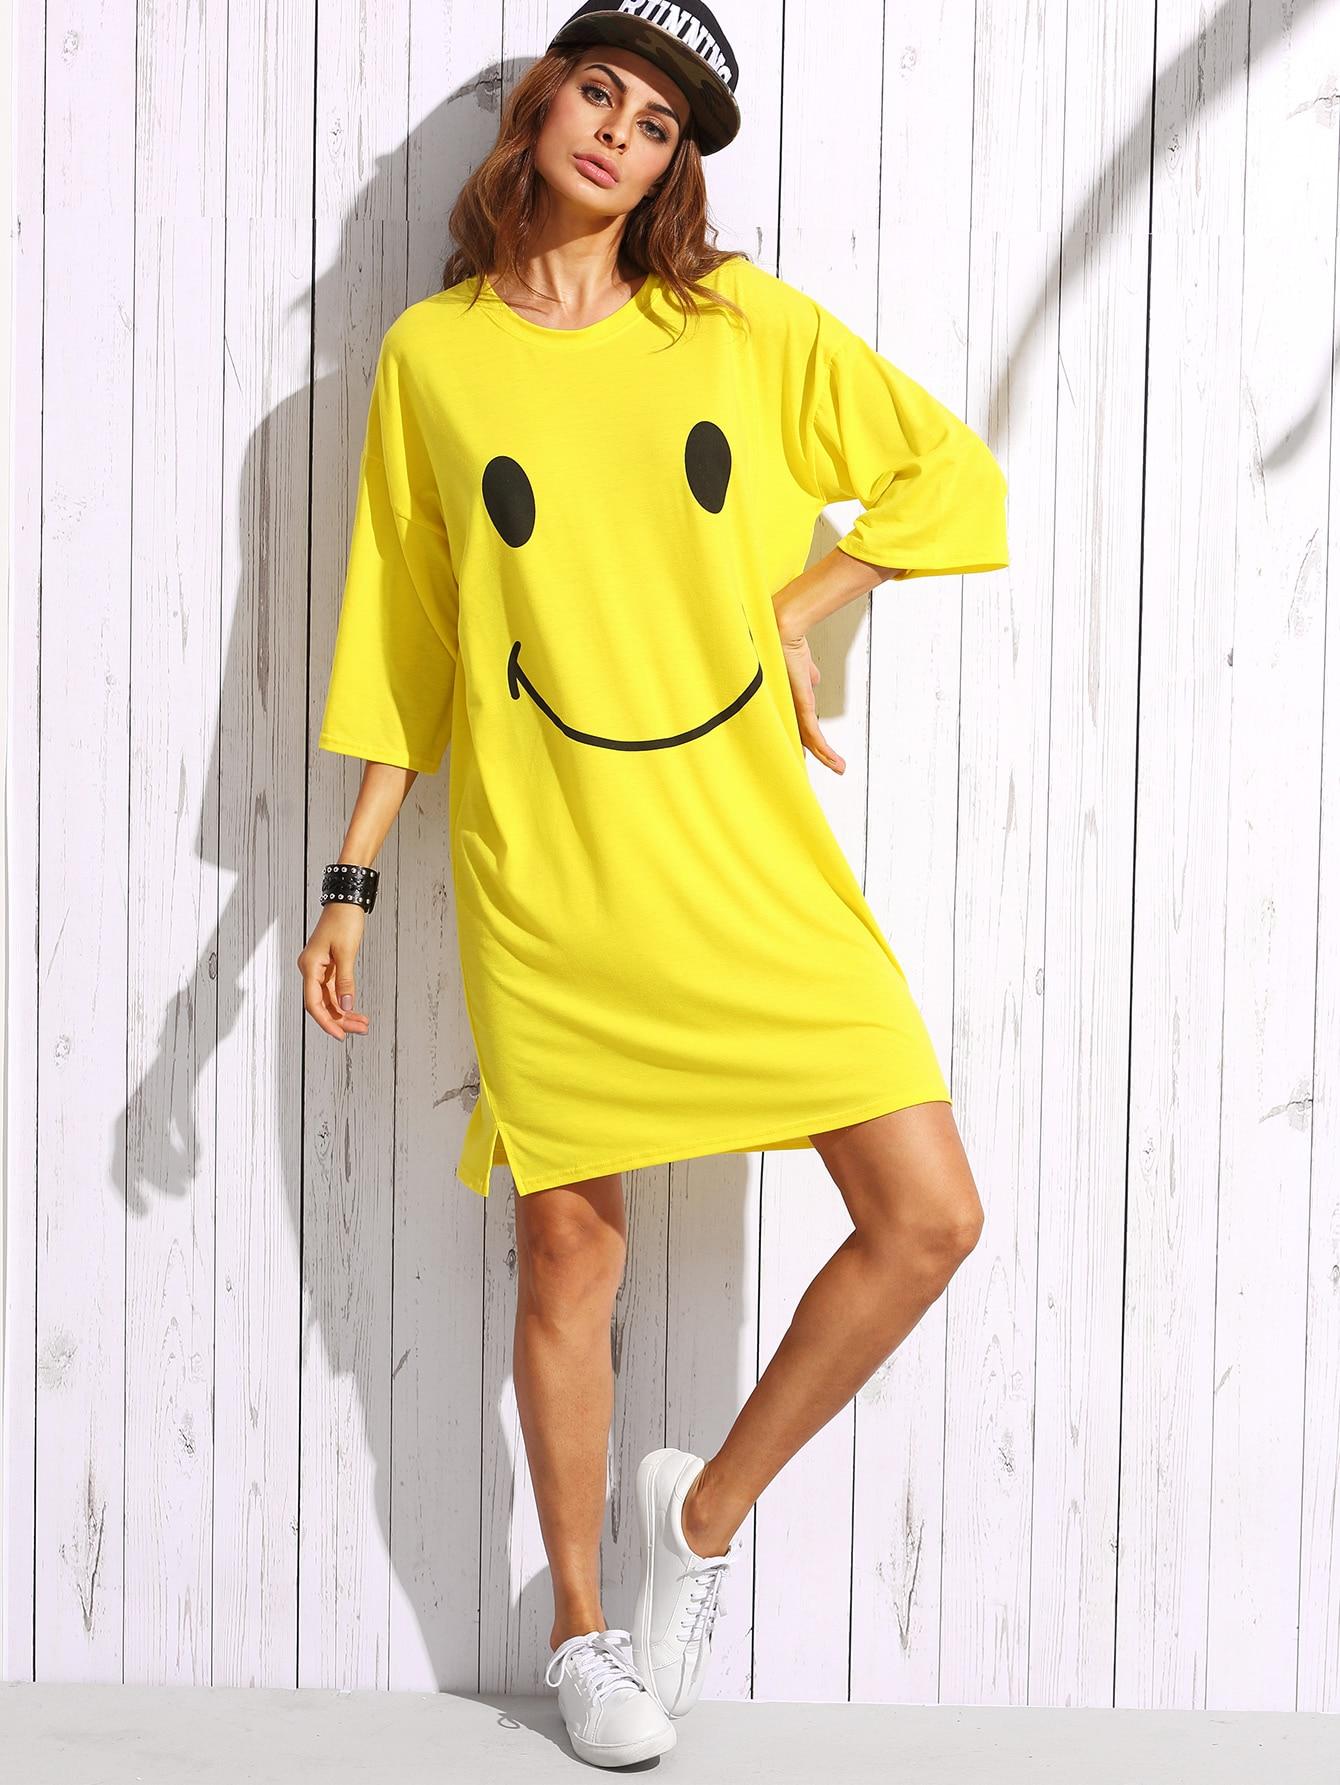 Жёлтое платье футболка с принтом Smiley Face